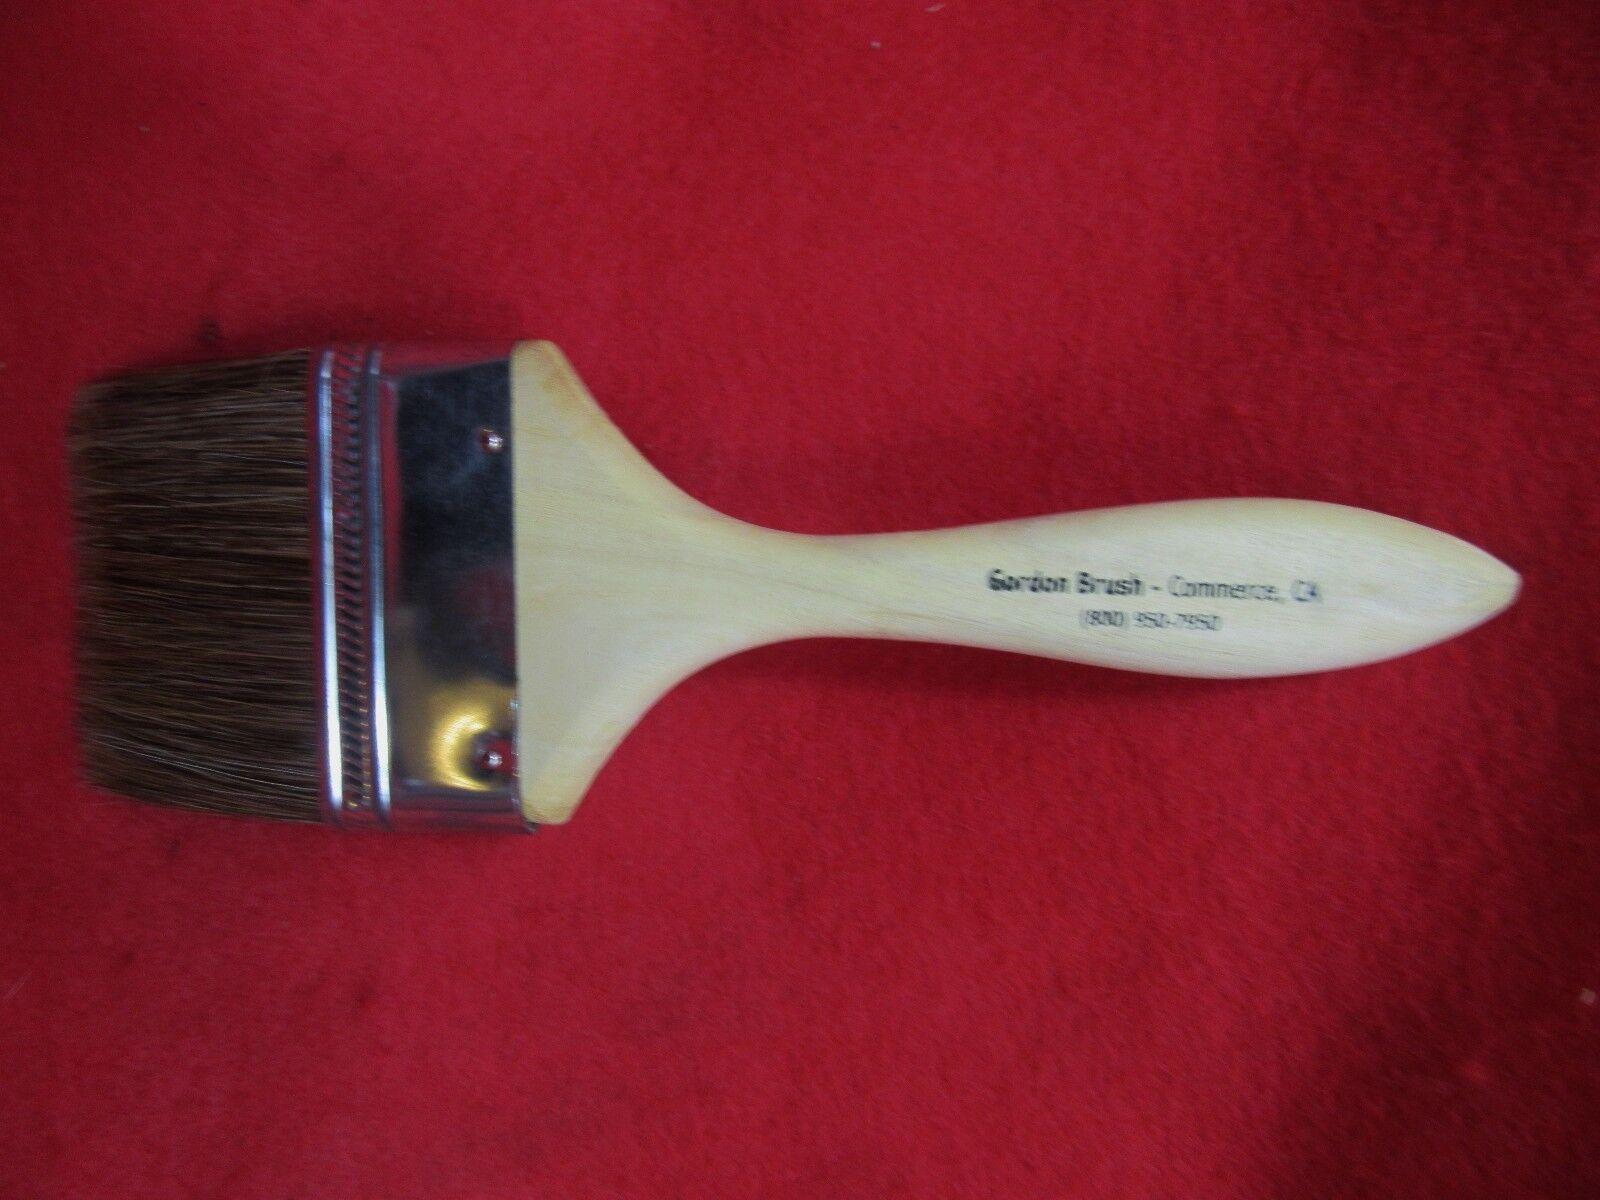 как выглядит Набор или средство для чистки оптики  GORDON BRUSH Co. CLEANING BRUSH/ CAMERAS--VIDEO EQUIPMENT--LENS фото